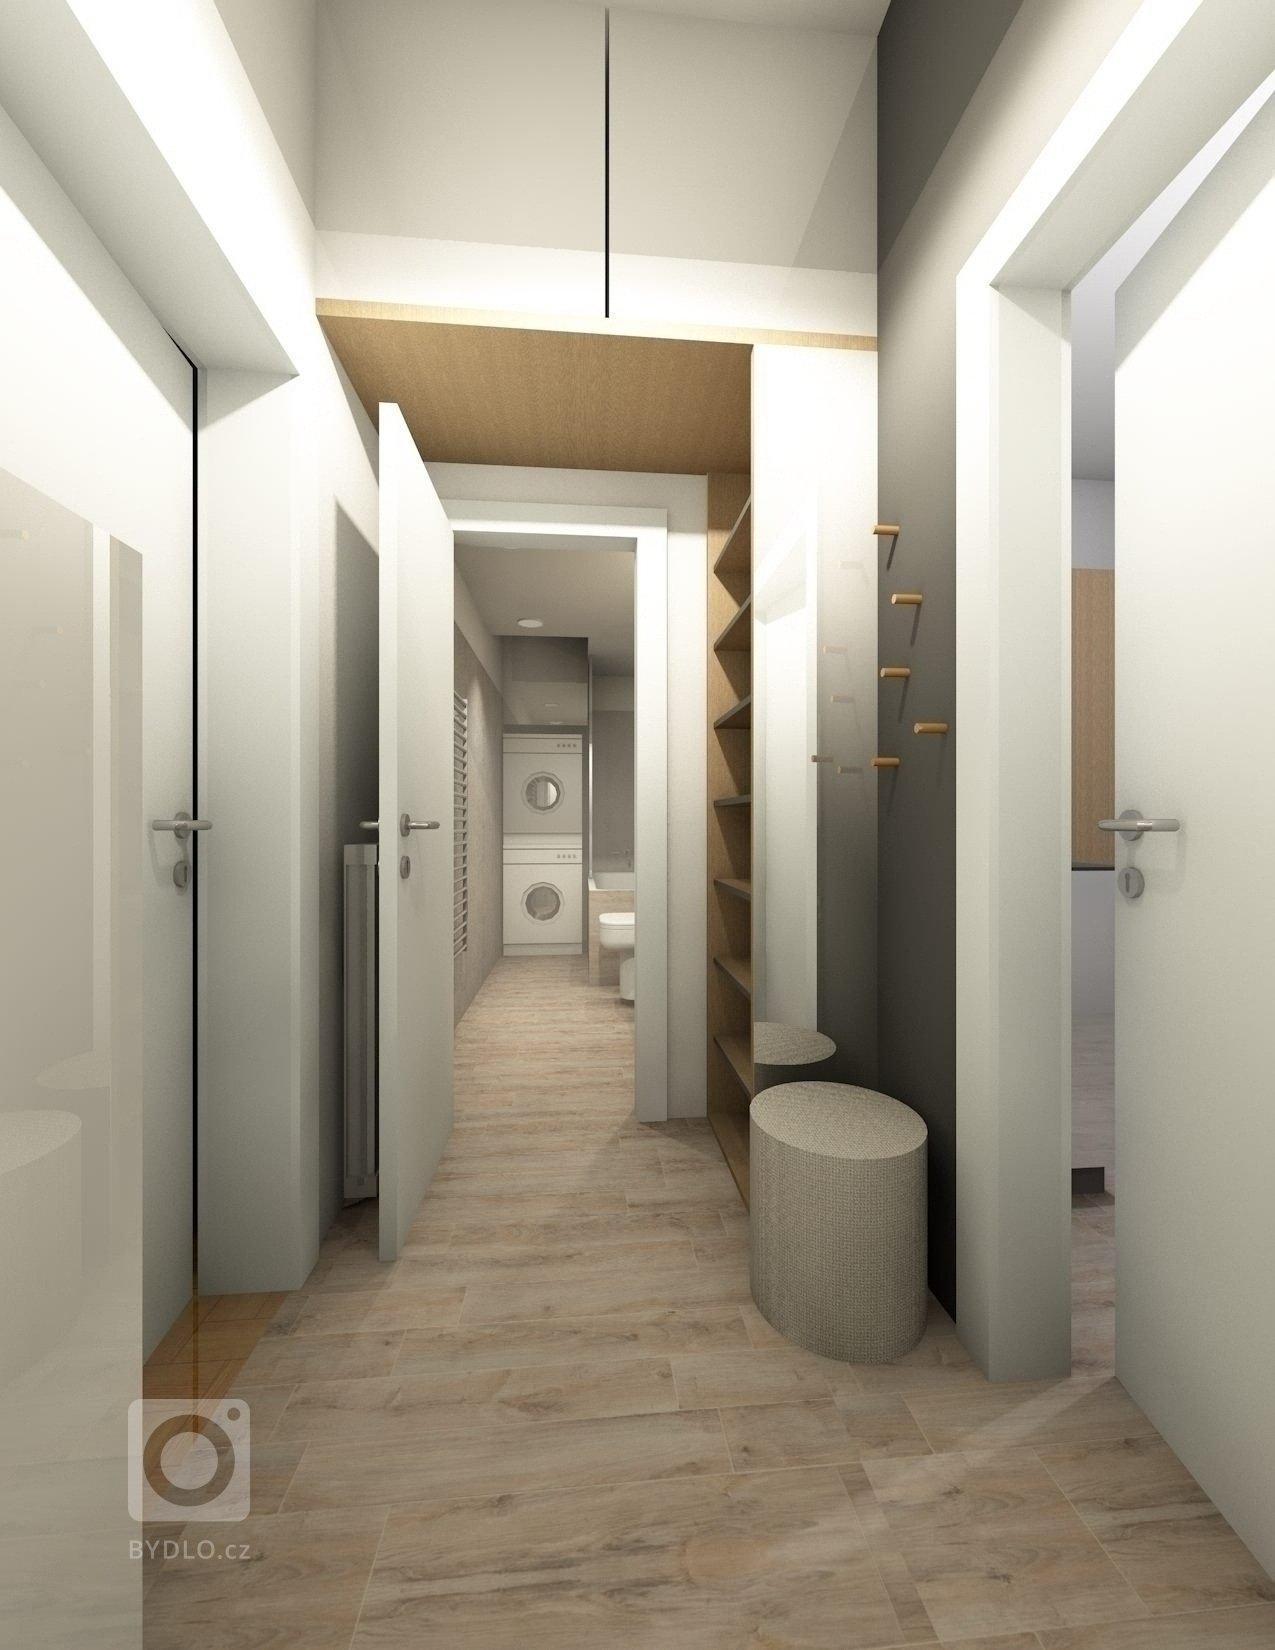 Návrh rekonstrukce koupelny, kcunyě s jídelnou a předsíně.